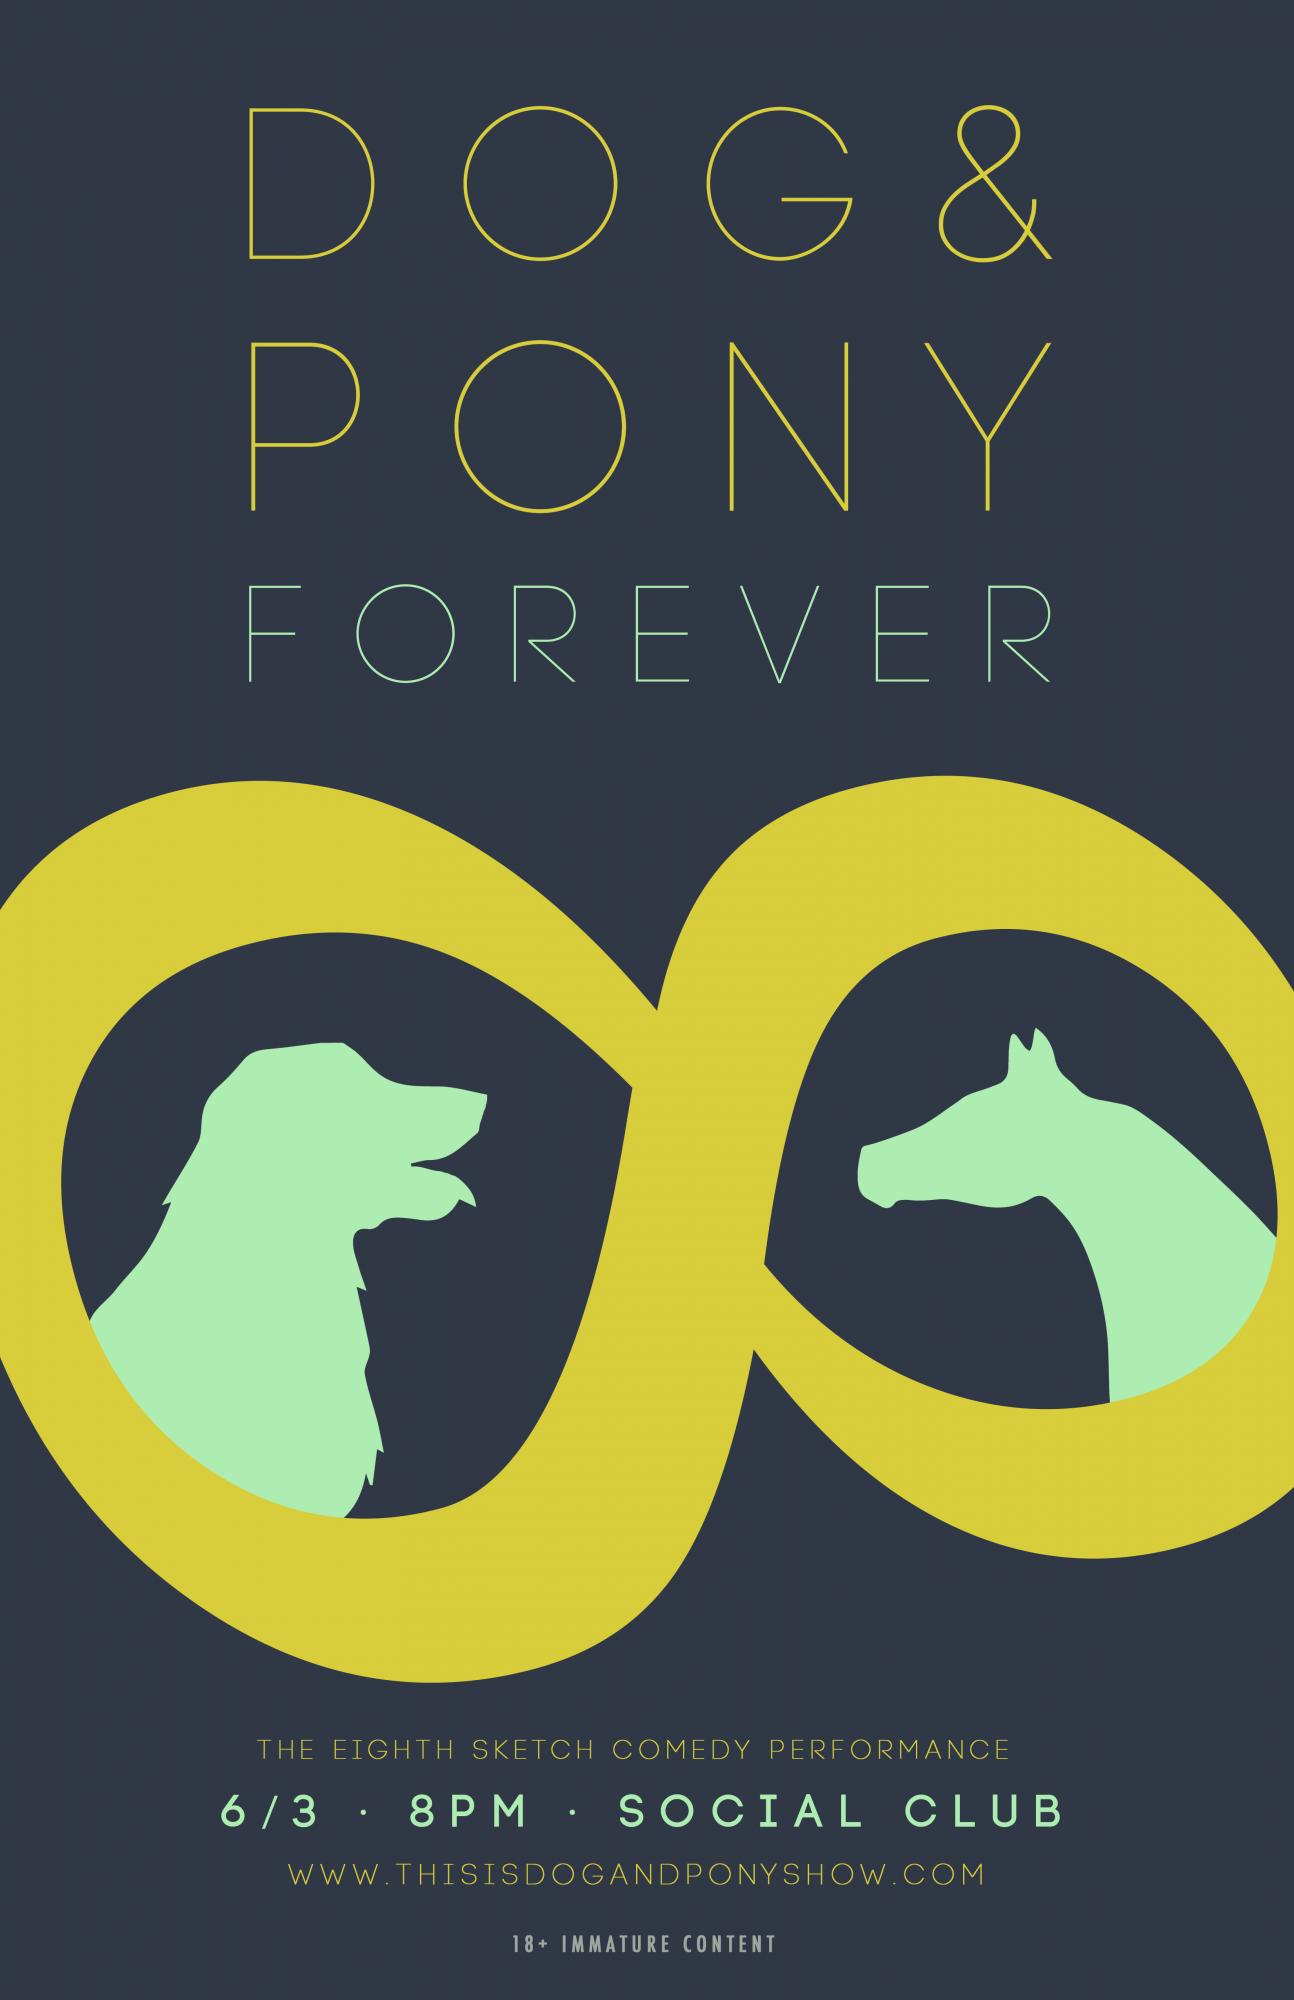 Dog & Pony Forever